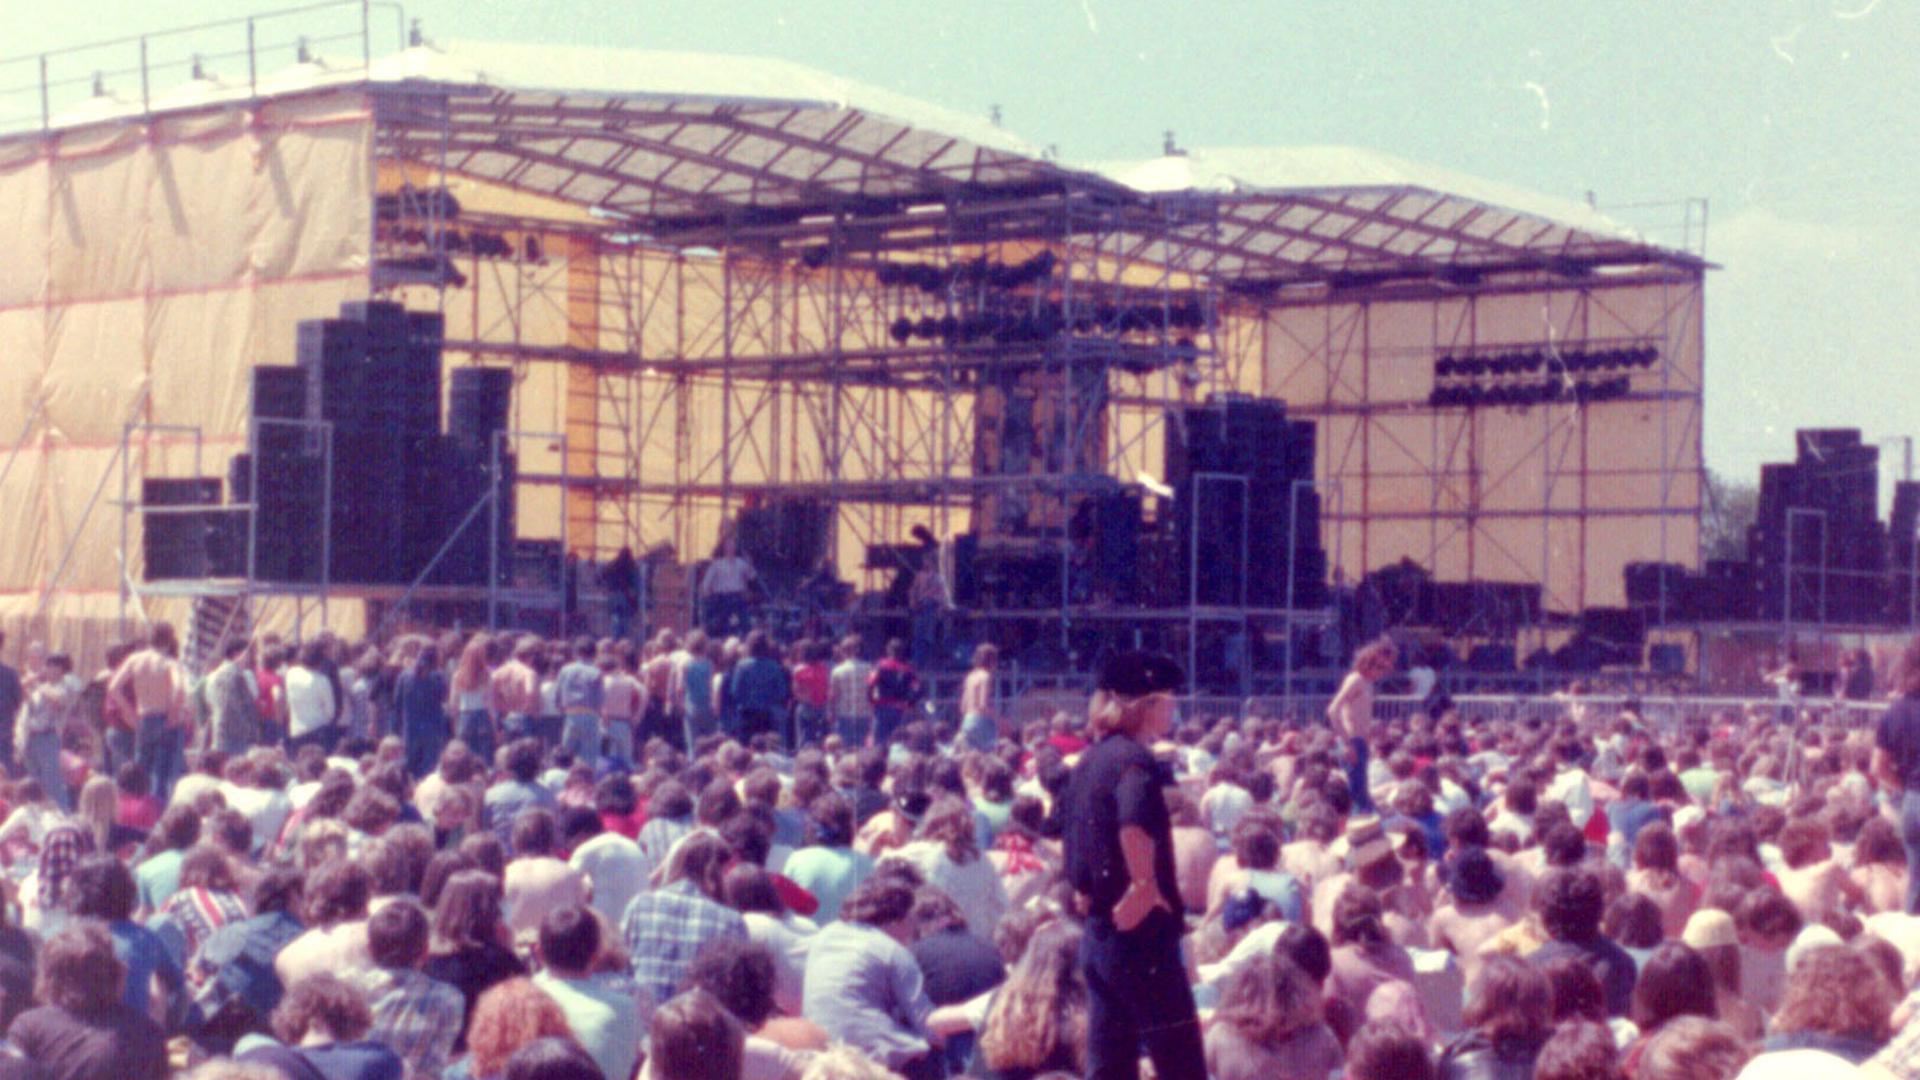 """""""When I was Young""""  Sunrise Festival auf dem Messegelände""""When I was Young""""  Sunrise Festival auf dem Messegelände02.03.2012, BZ - OFB: Ein Hauch von Woodstock in Offenburg: Das Sunrise Festival vom 6. Juni 1976 auf dem Messegelände. Es blieb das erste und einzige seiner Art. Museum und private Leihgeber06.03.2012, BZ - OLA: Ein Hauch von Woodstock in Offenburg: Das Sunrise Festival vom 6. Juni 1976 auf dem Messegelände. Es blieb das erste und einzige seiner Art. Museum und private Leihgeber17.09.2020, BZ - OFB: Ein Hauch von Woodstock: Sunrise Festival 1976 auf dem Offenburger MessegeländeMuseum im Ritterhaus"""